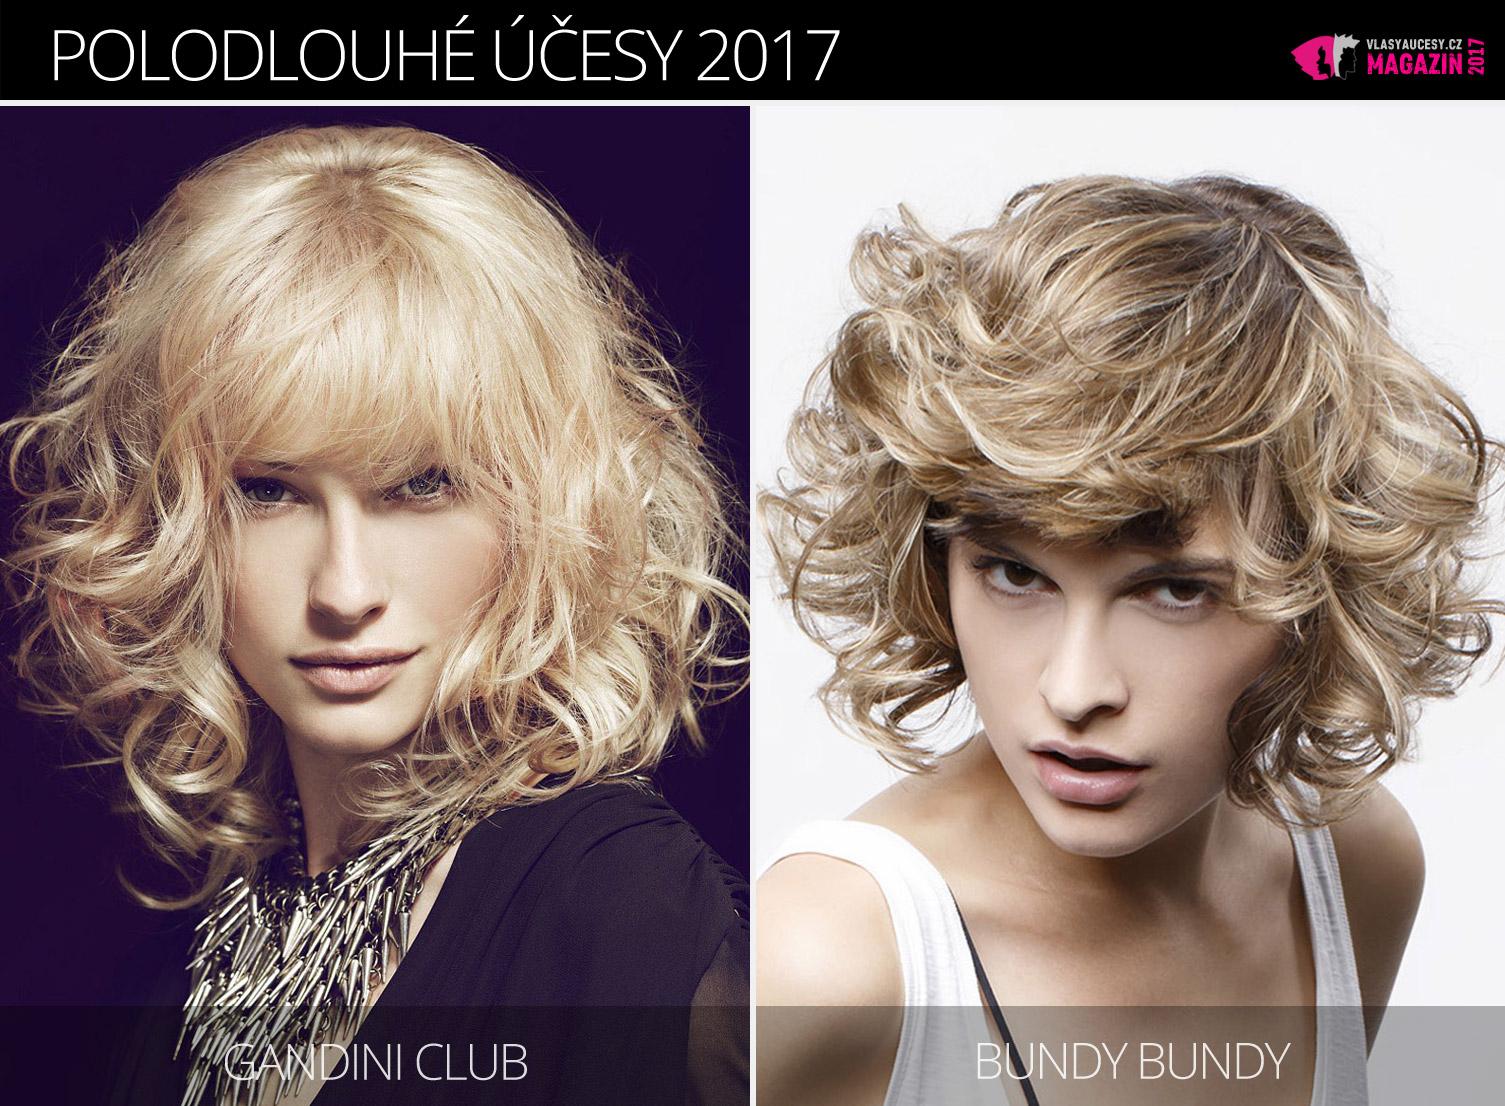 Tipy redakce magazínu Vlasy a účesy na trendy polodlouhé účesy zima 2017. Účesy pro polodlouhé vlasy 2017 jsou z kolekcí Gandini Club a Bundy Bundy.